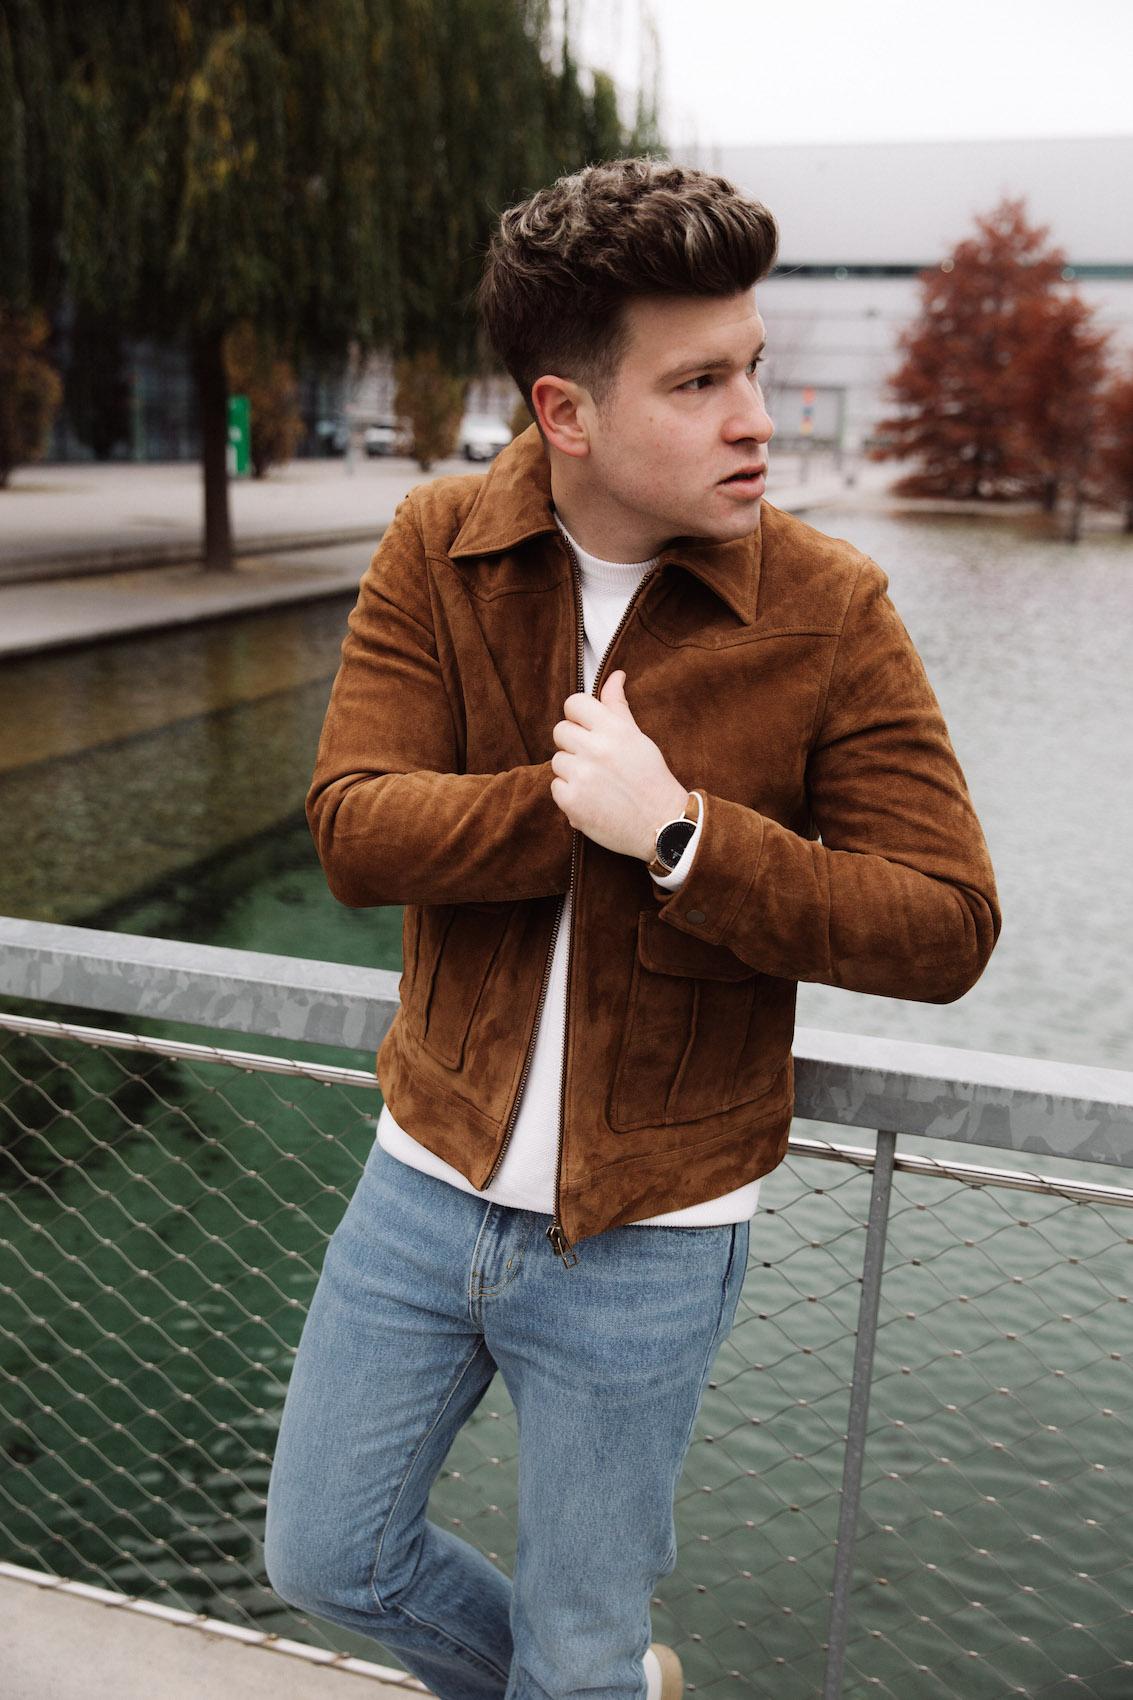 weekday Herbstoutfit Wildlederjacke 90er Jahre Jeans und Stickpulli Outfitpost von Meanwhile in Awesometown - Wiener Männermode und Lifestyle Blogger8